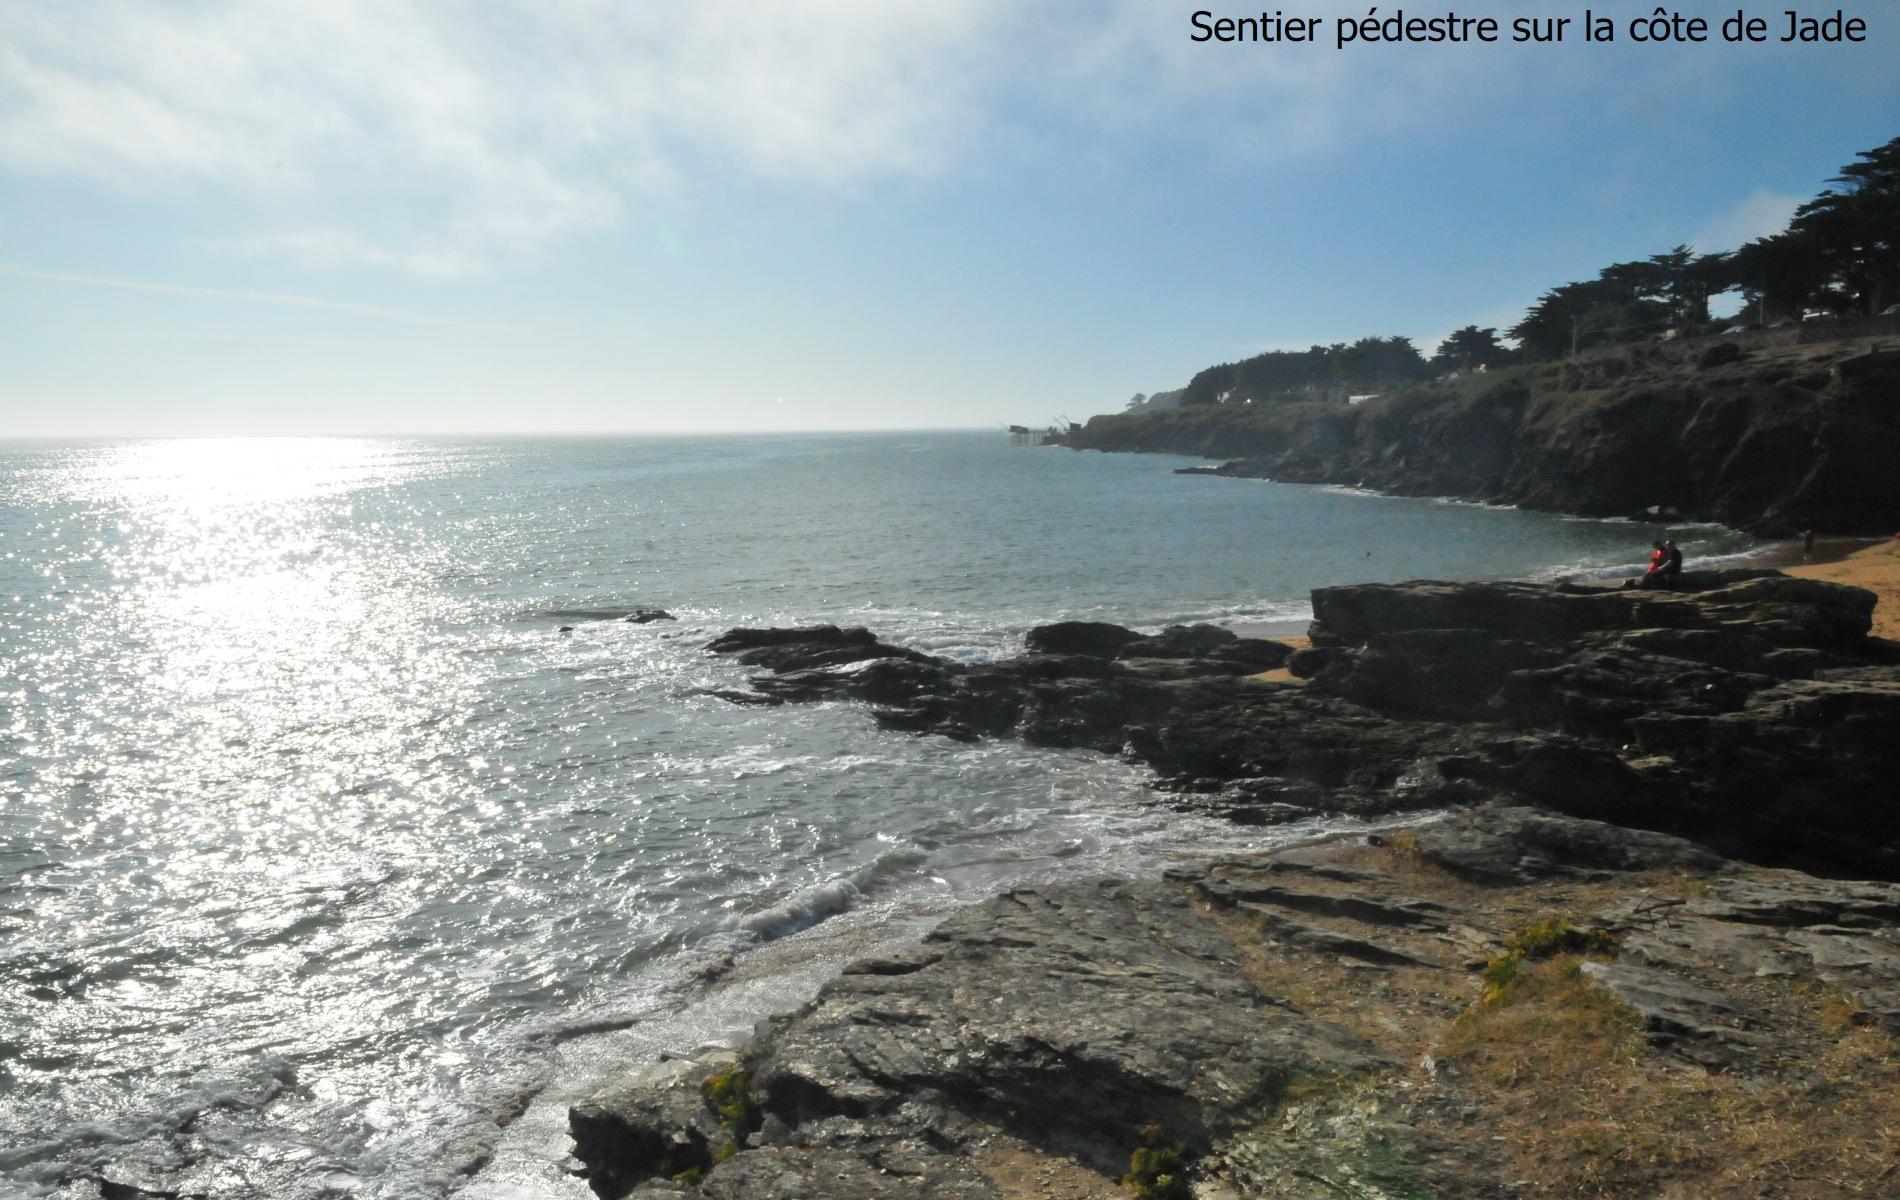 Sentier pédestre sur la côte de Jade